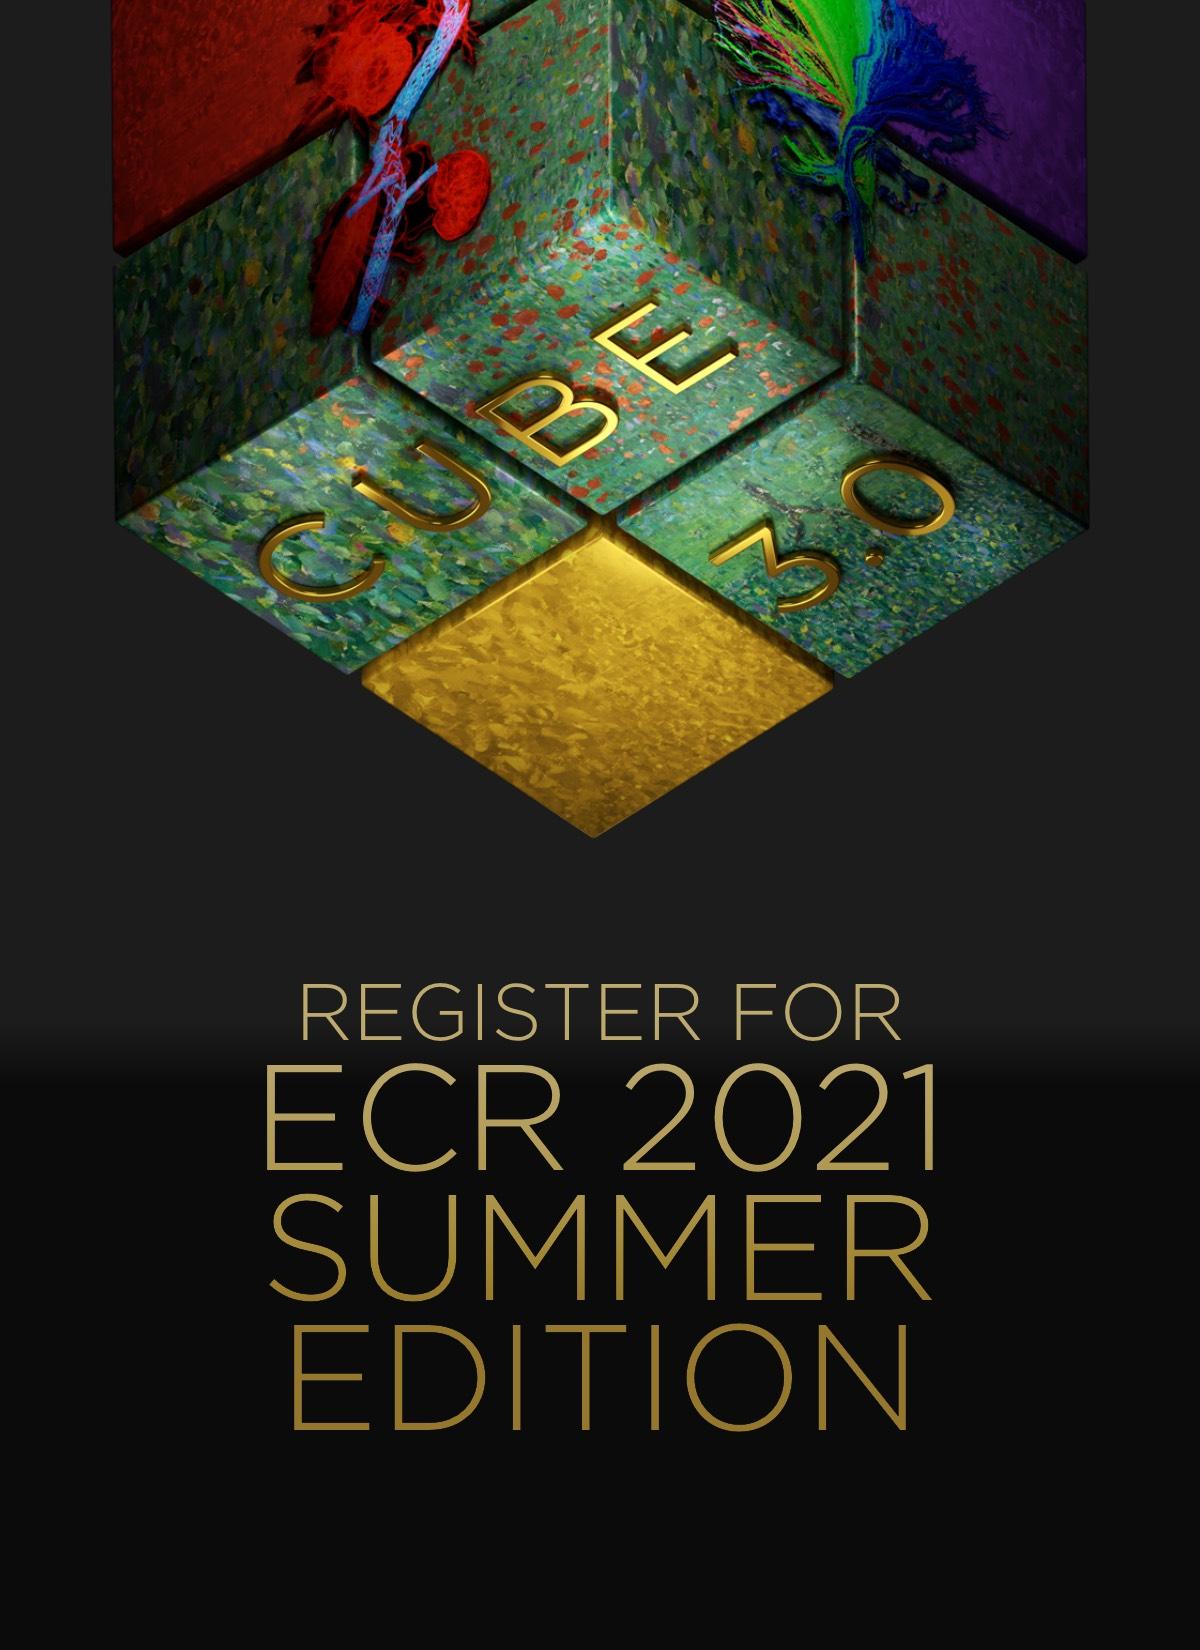 Register for ECR 2021